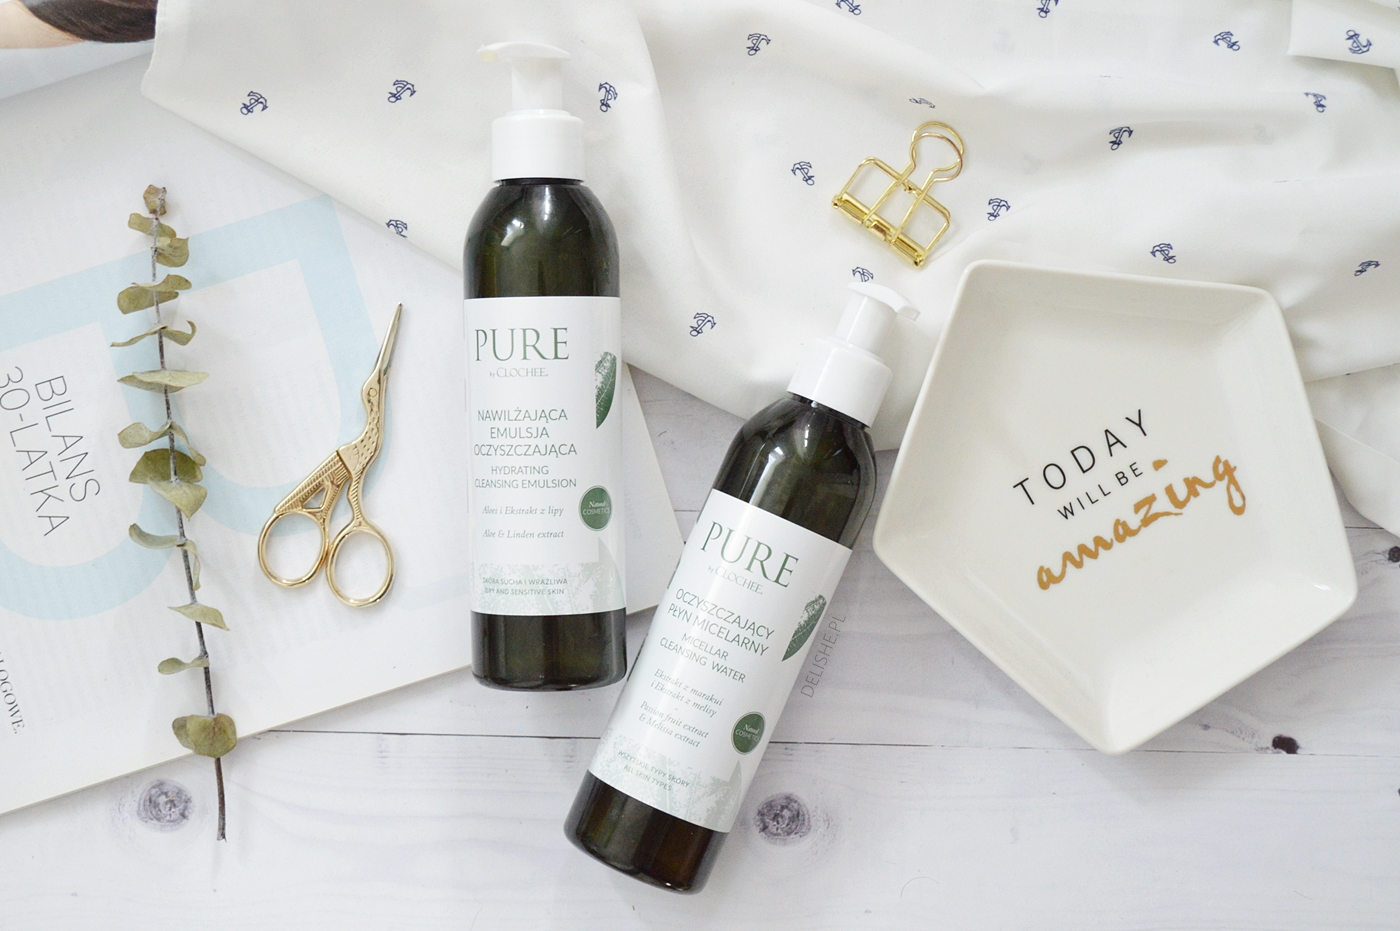 Kosmetyki Pure by Clochee emulsja i płyn micelarny